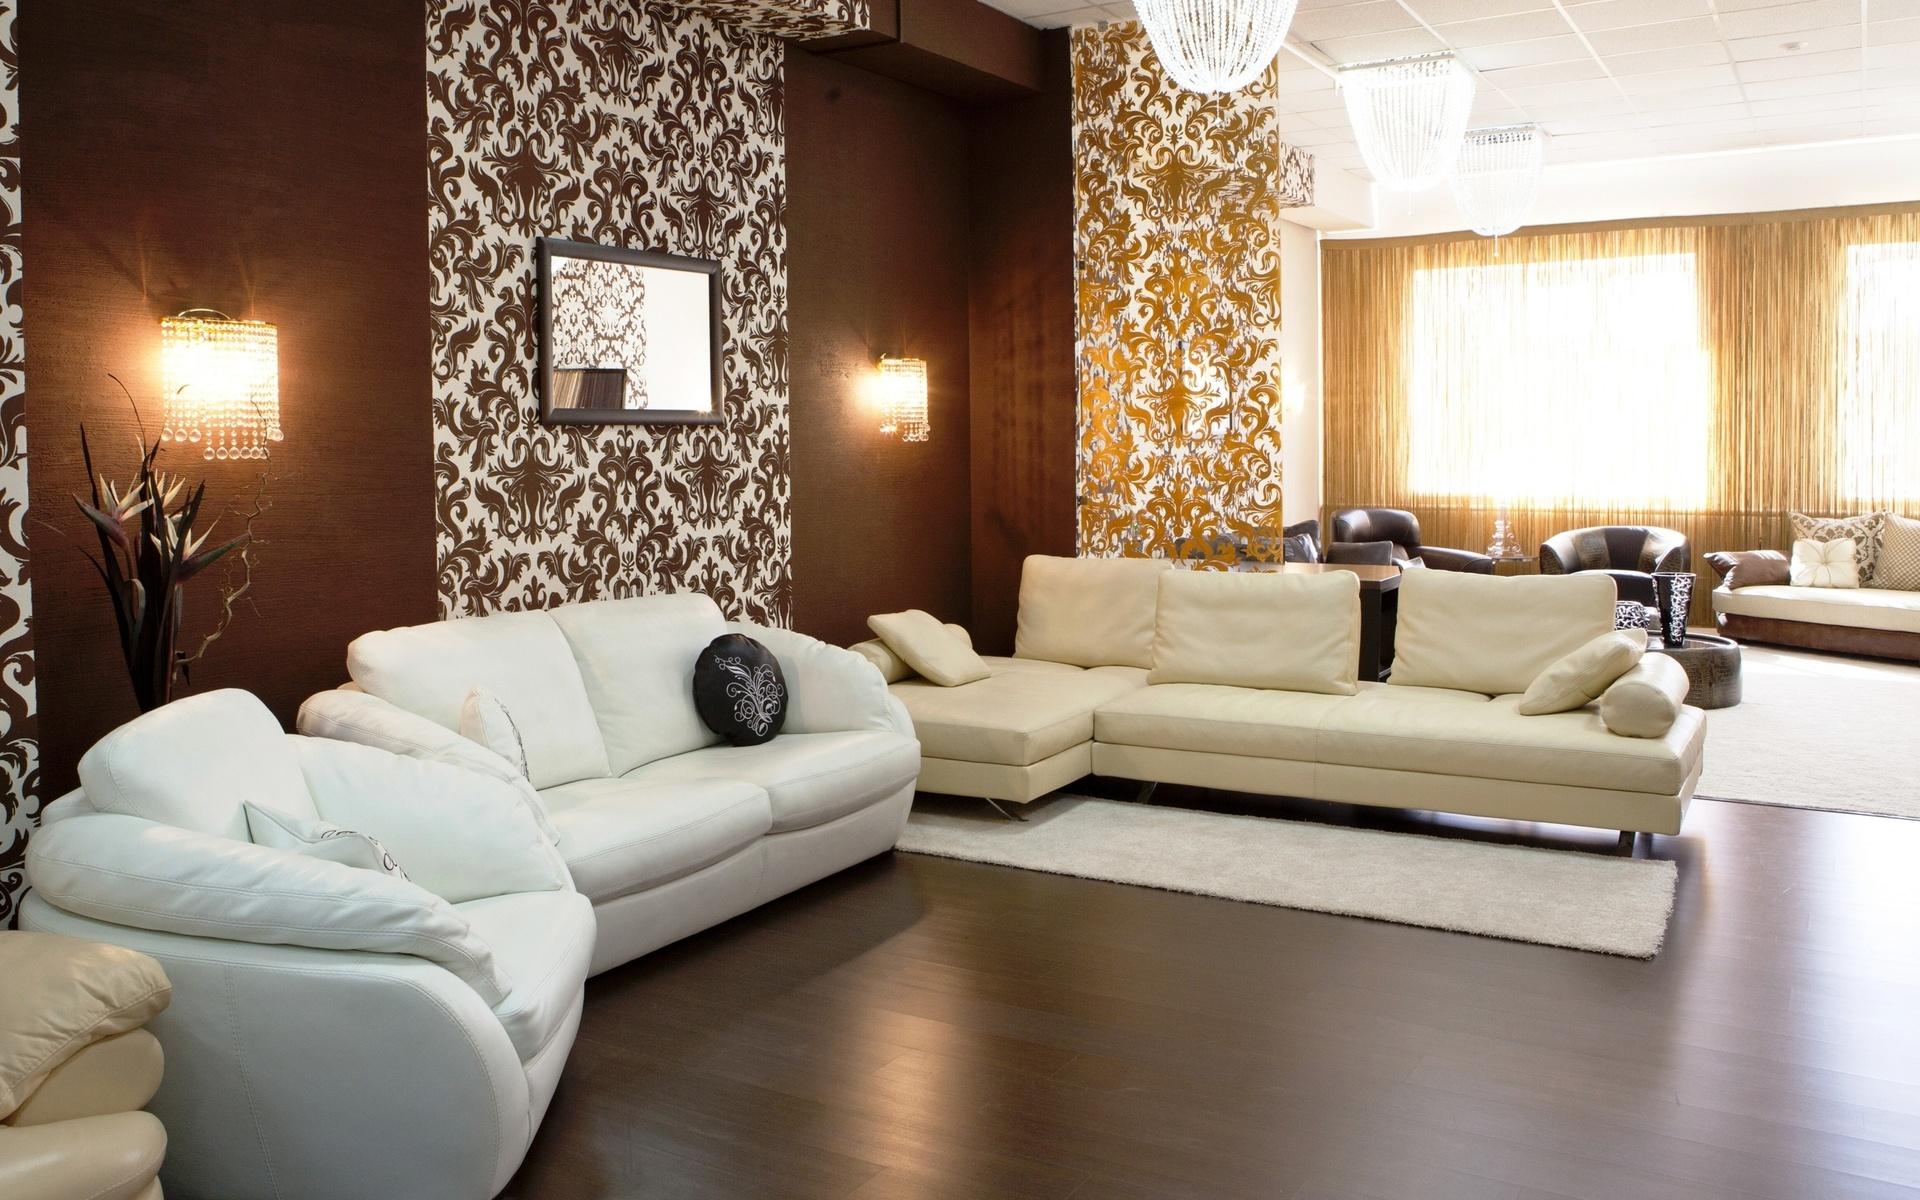 Обои в интерьере гостиной — 50 фото вариантов для дизайна